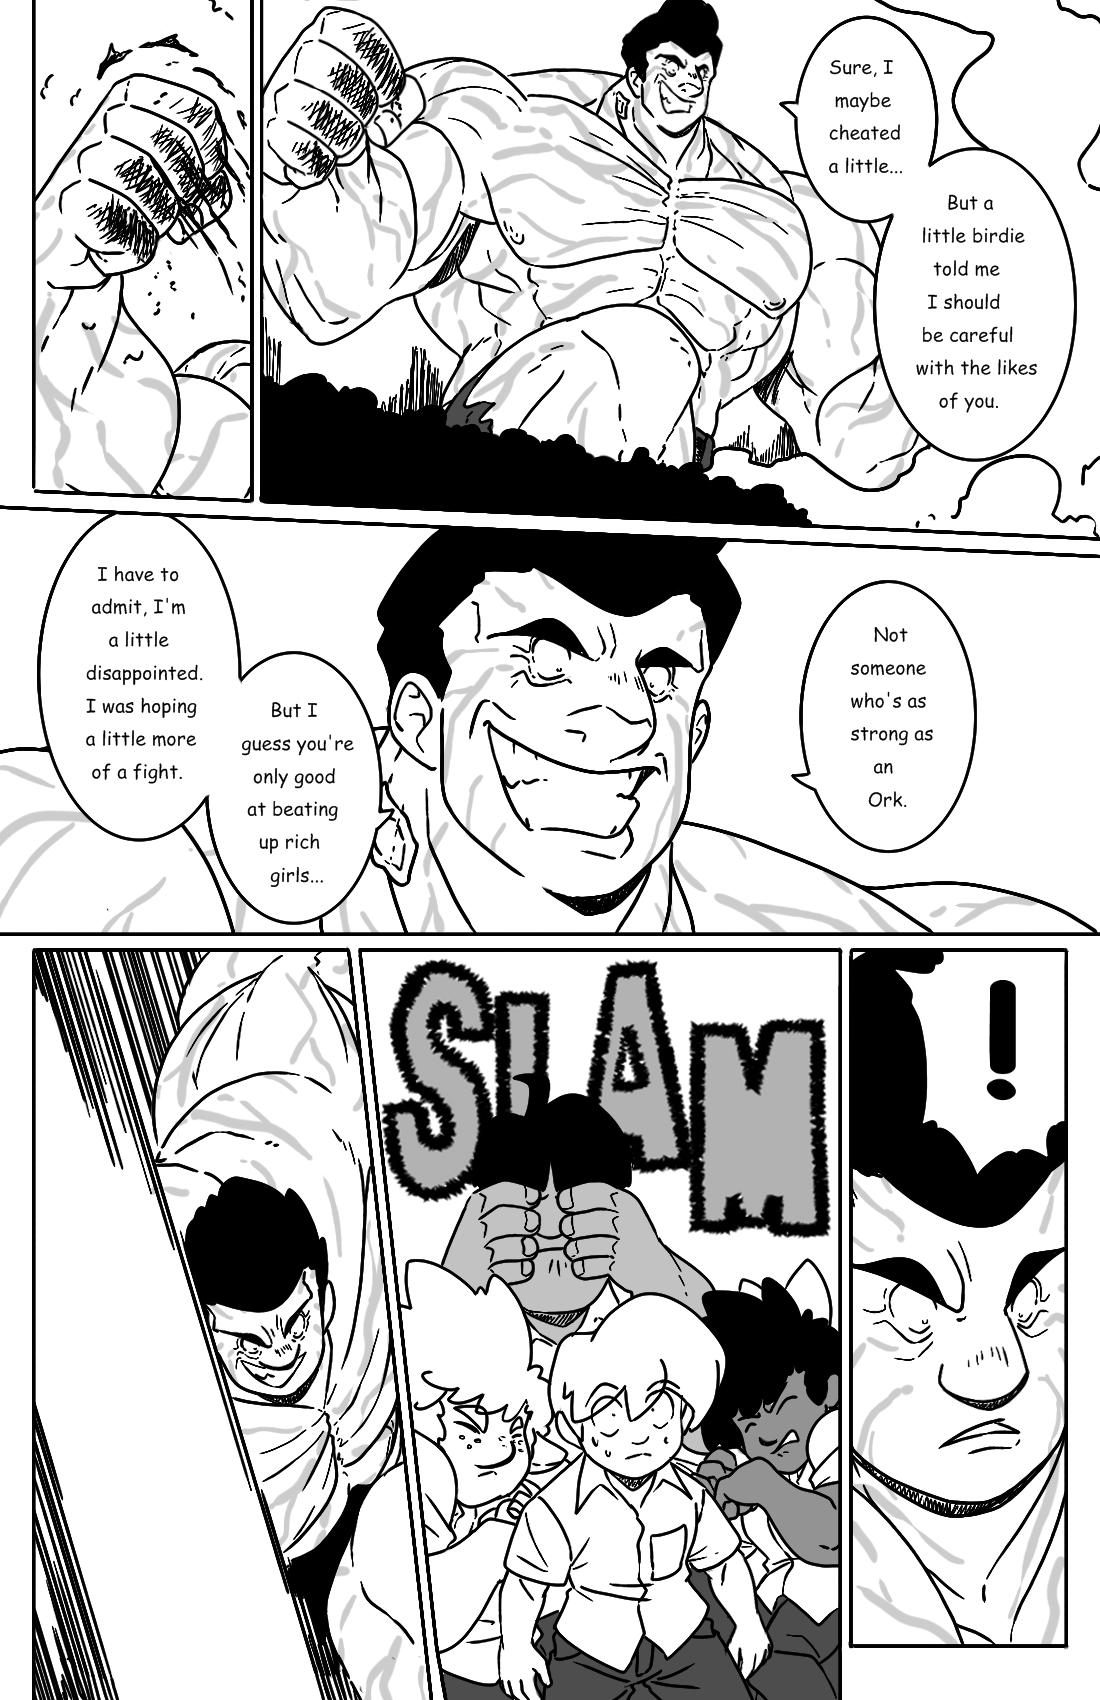 Bully Bully Part 3 pg.11